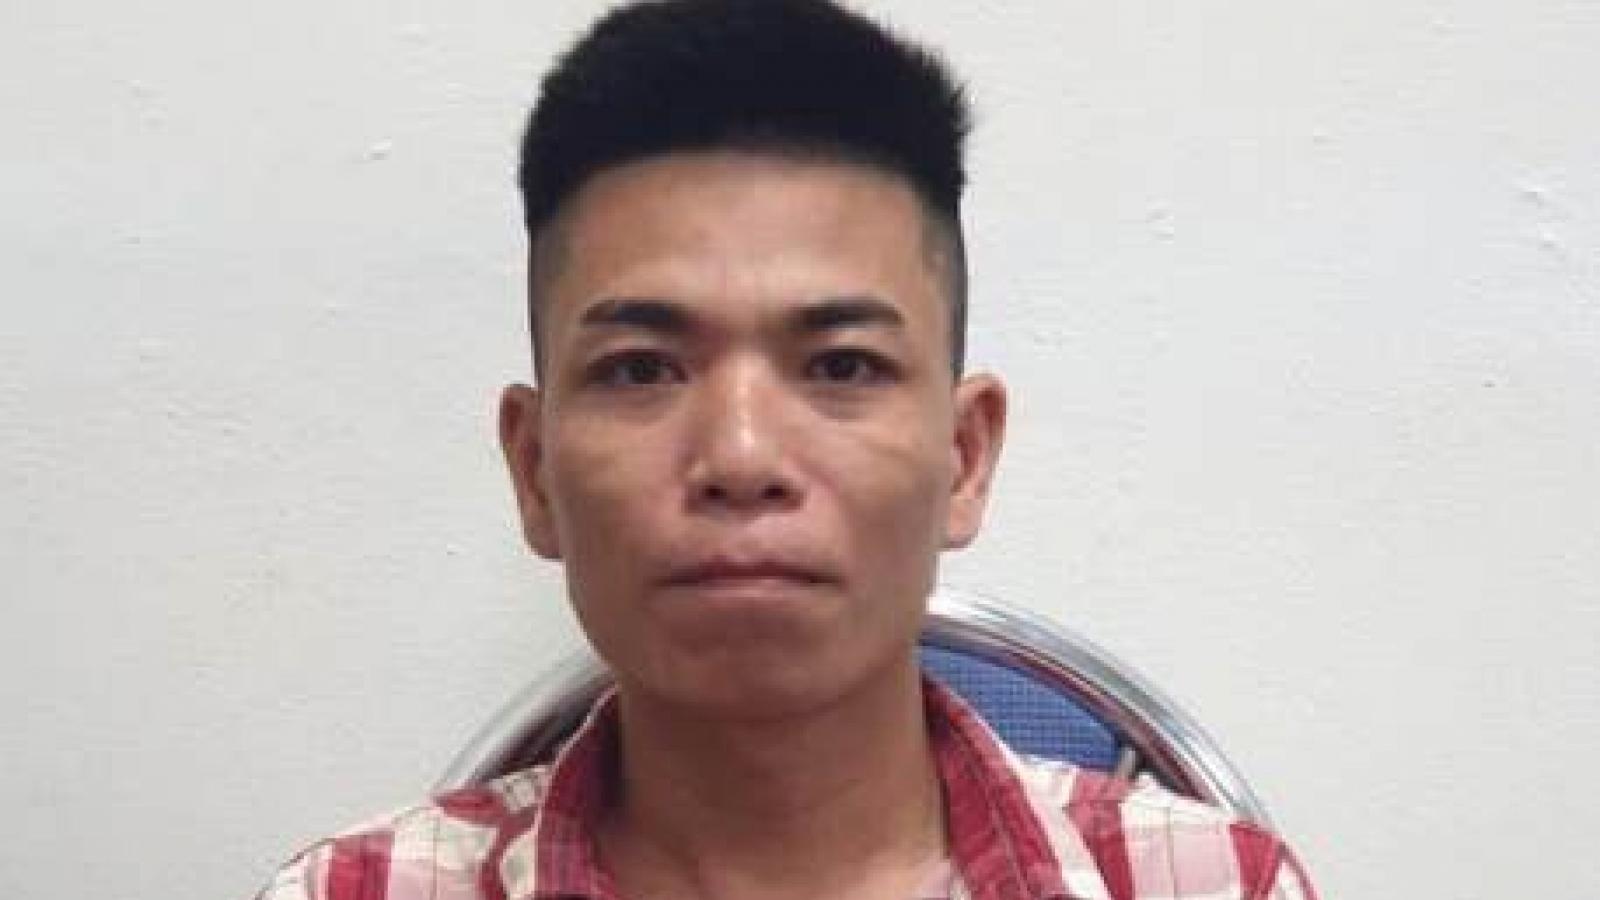 Phá nhanh vụ cướp tài sản xe ôm công nghệ tại quận Hà Đông